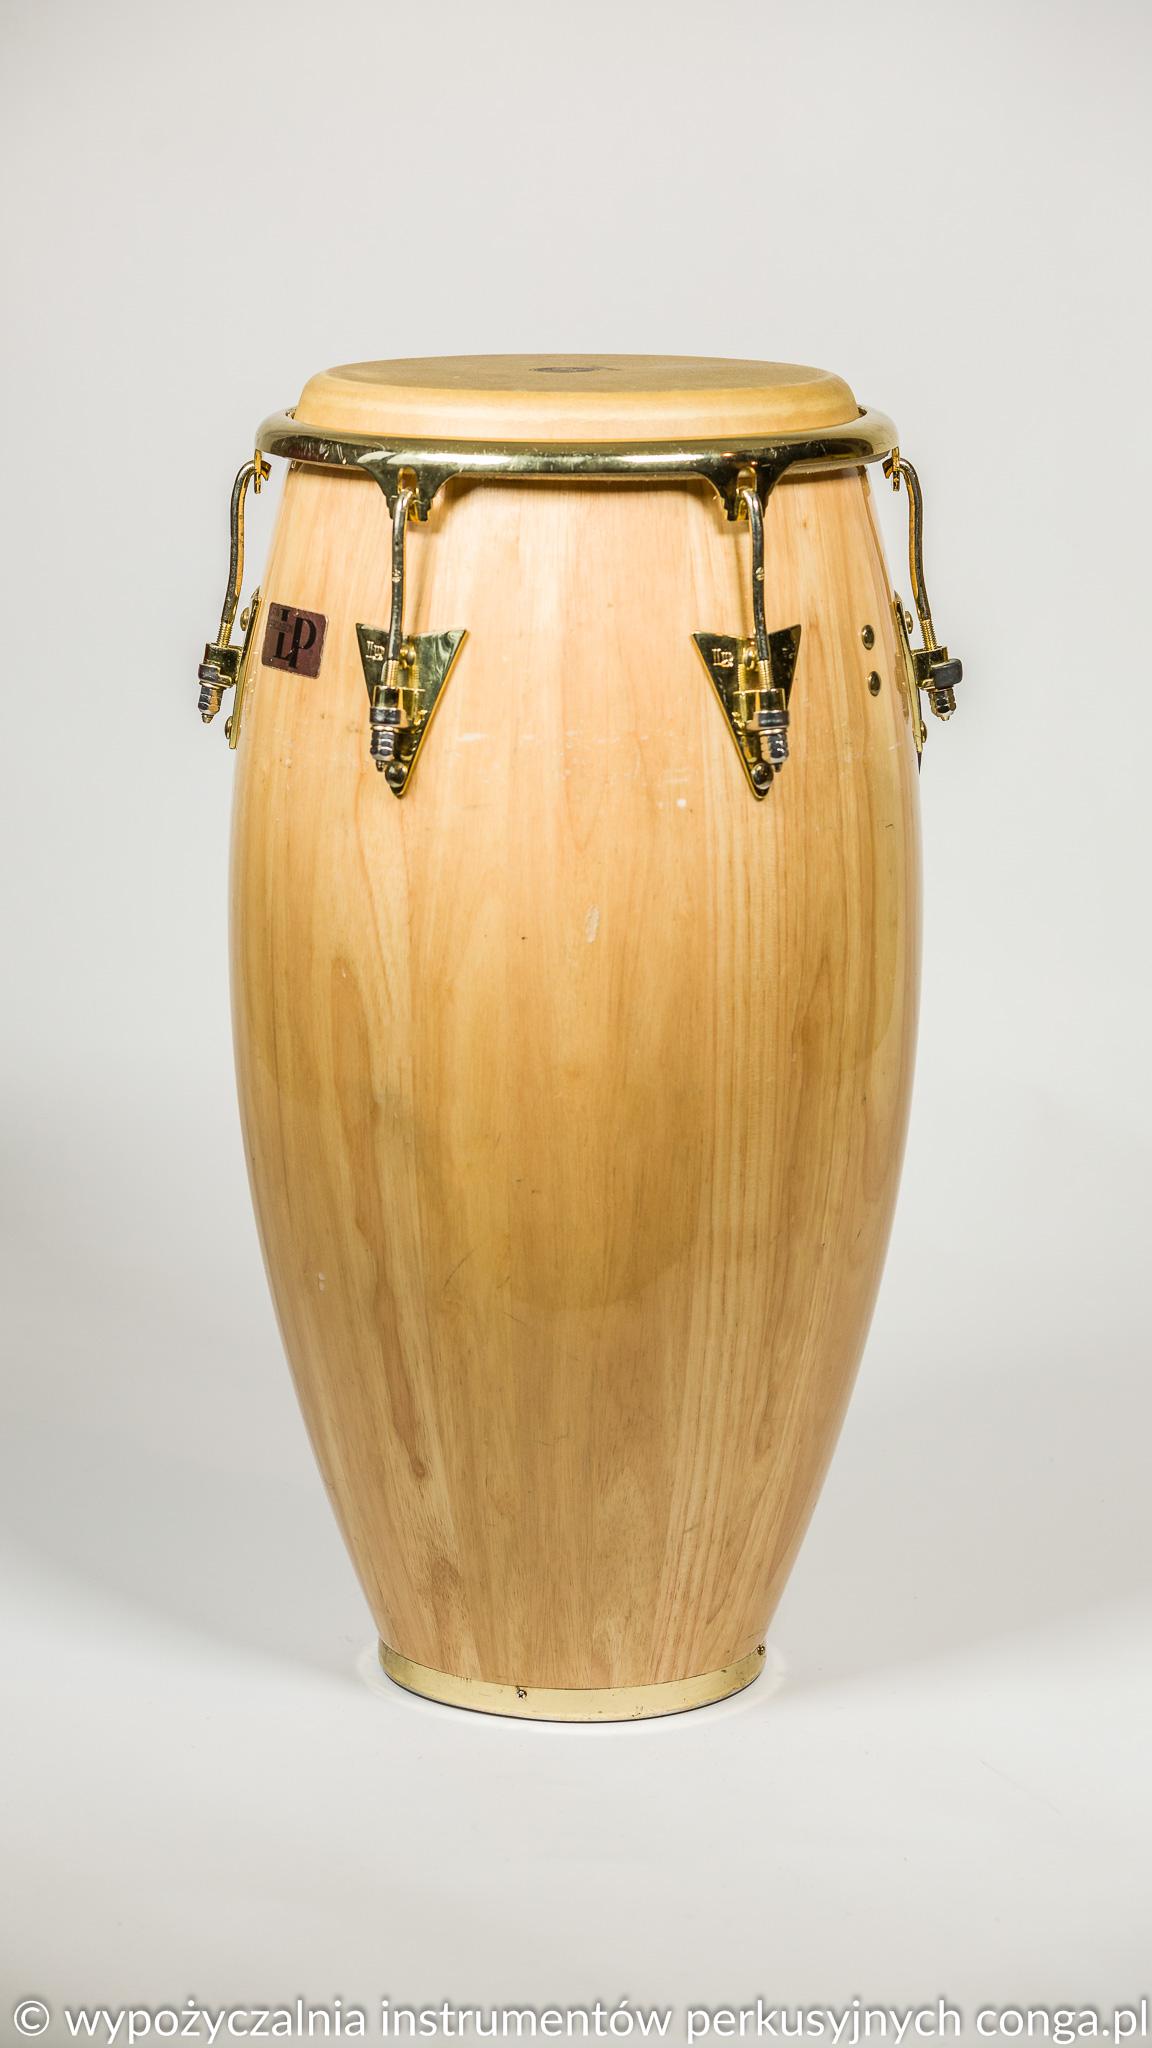 LP522X-AW-CLASSIC-SERIES-WOOD-CONGA---Wypożyczalnia-instrumentów-perkusyjnych--CONGA.PL--0257.jpg